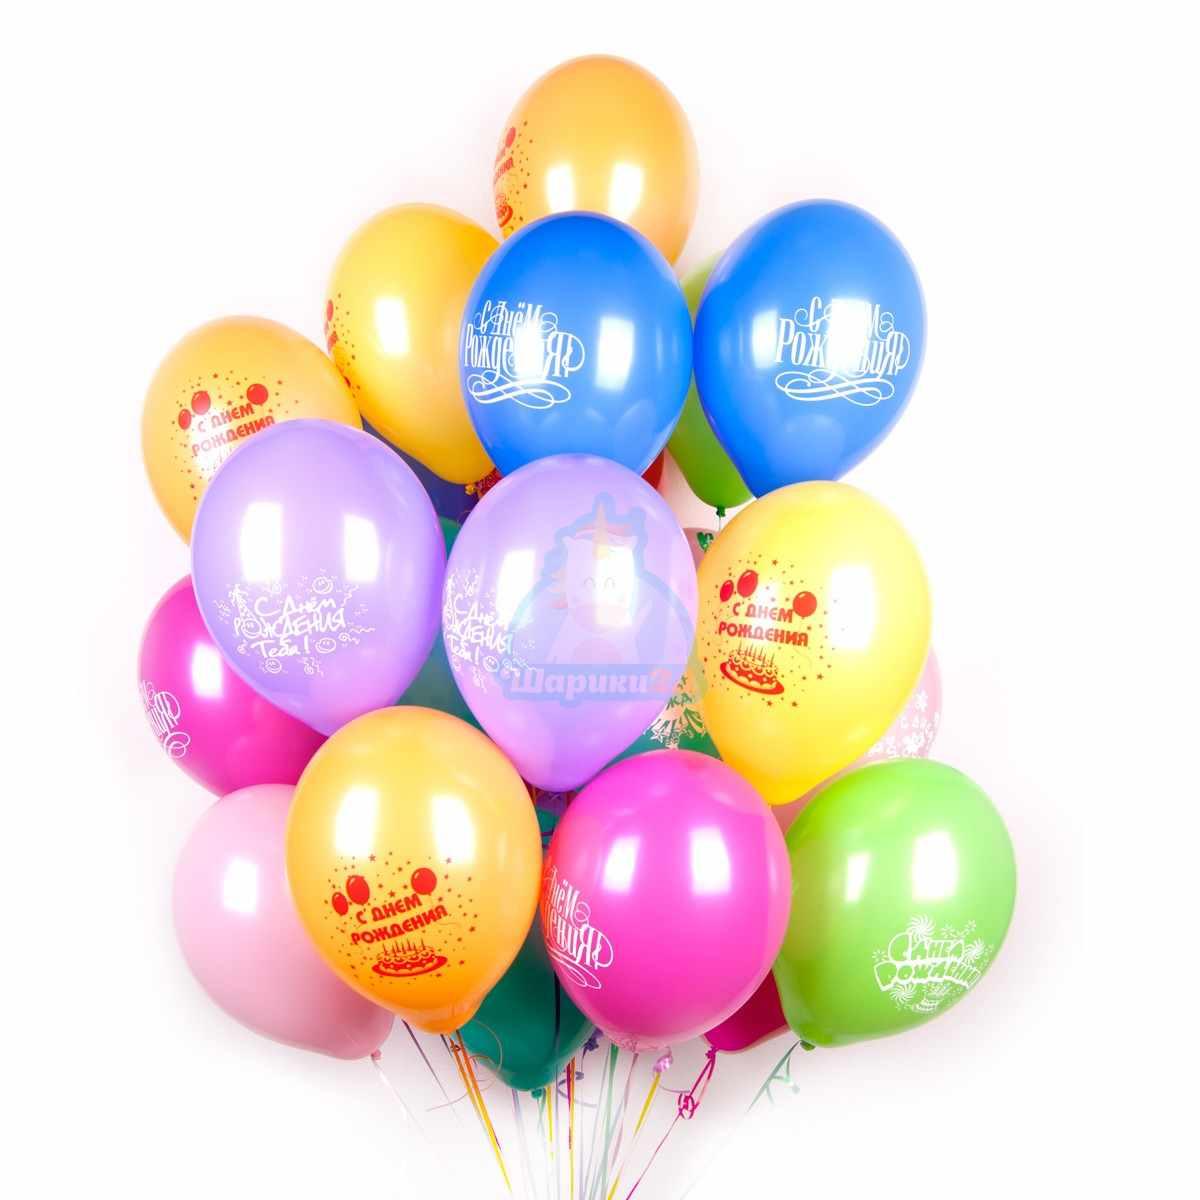 Шарики для Дня рождения фото в интернет-магазине Шарики 24